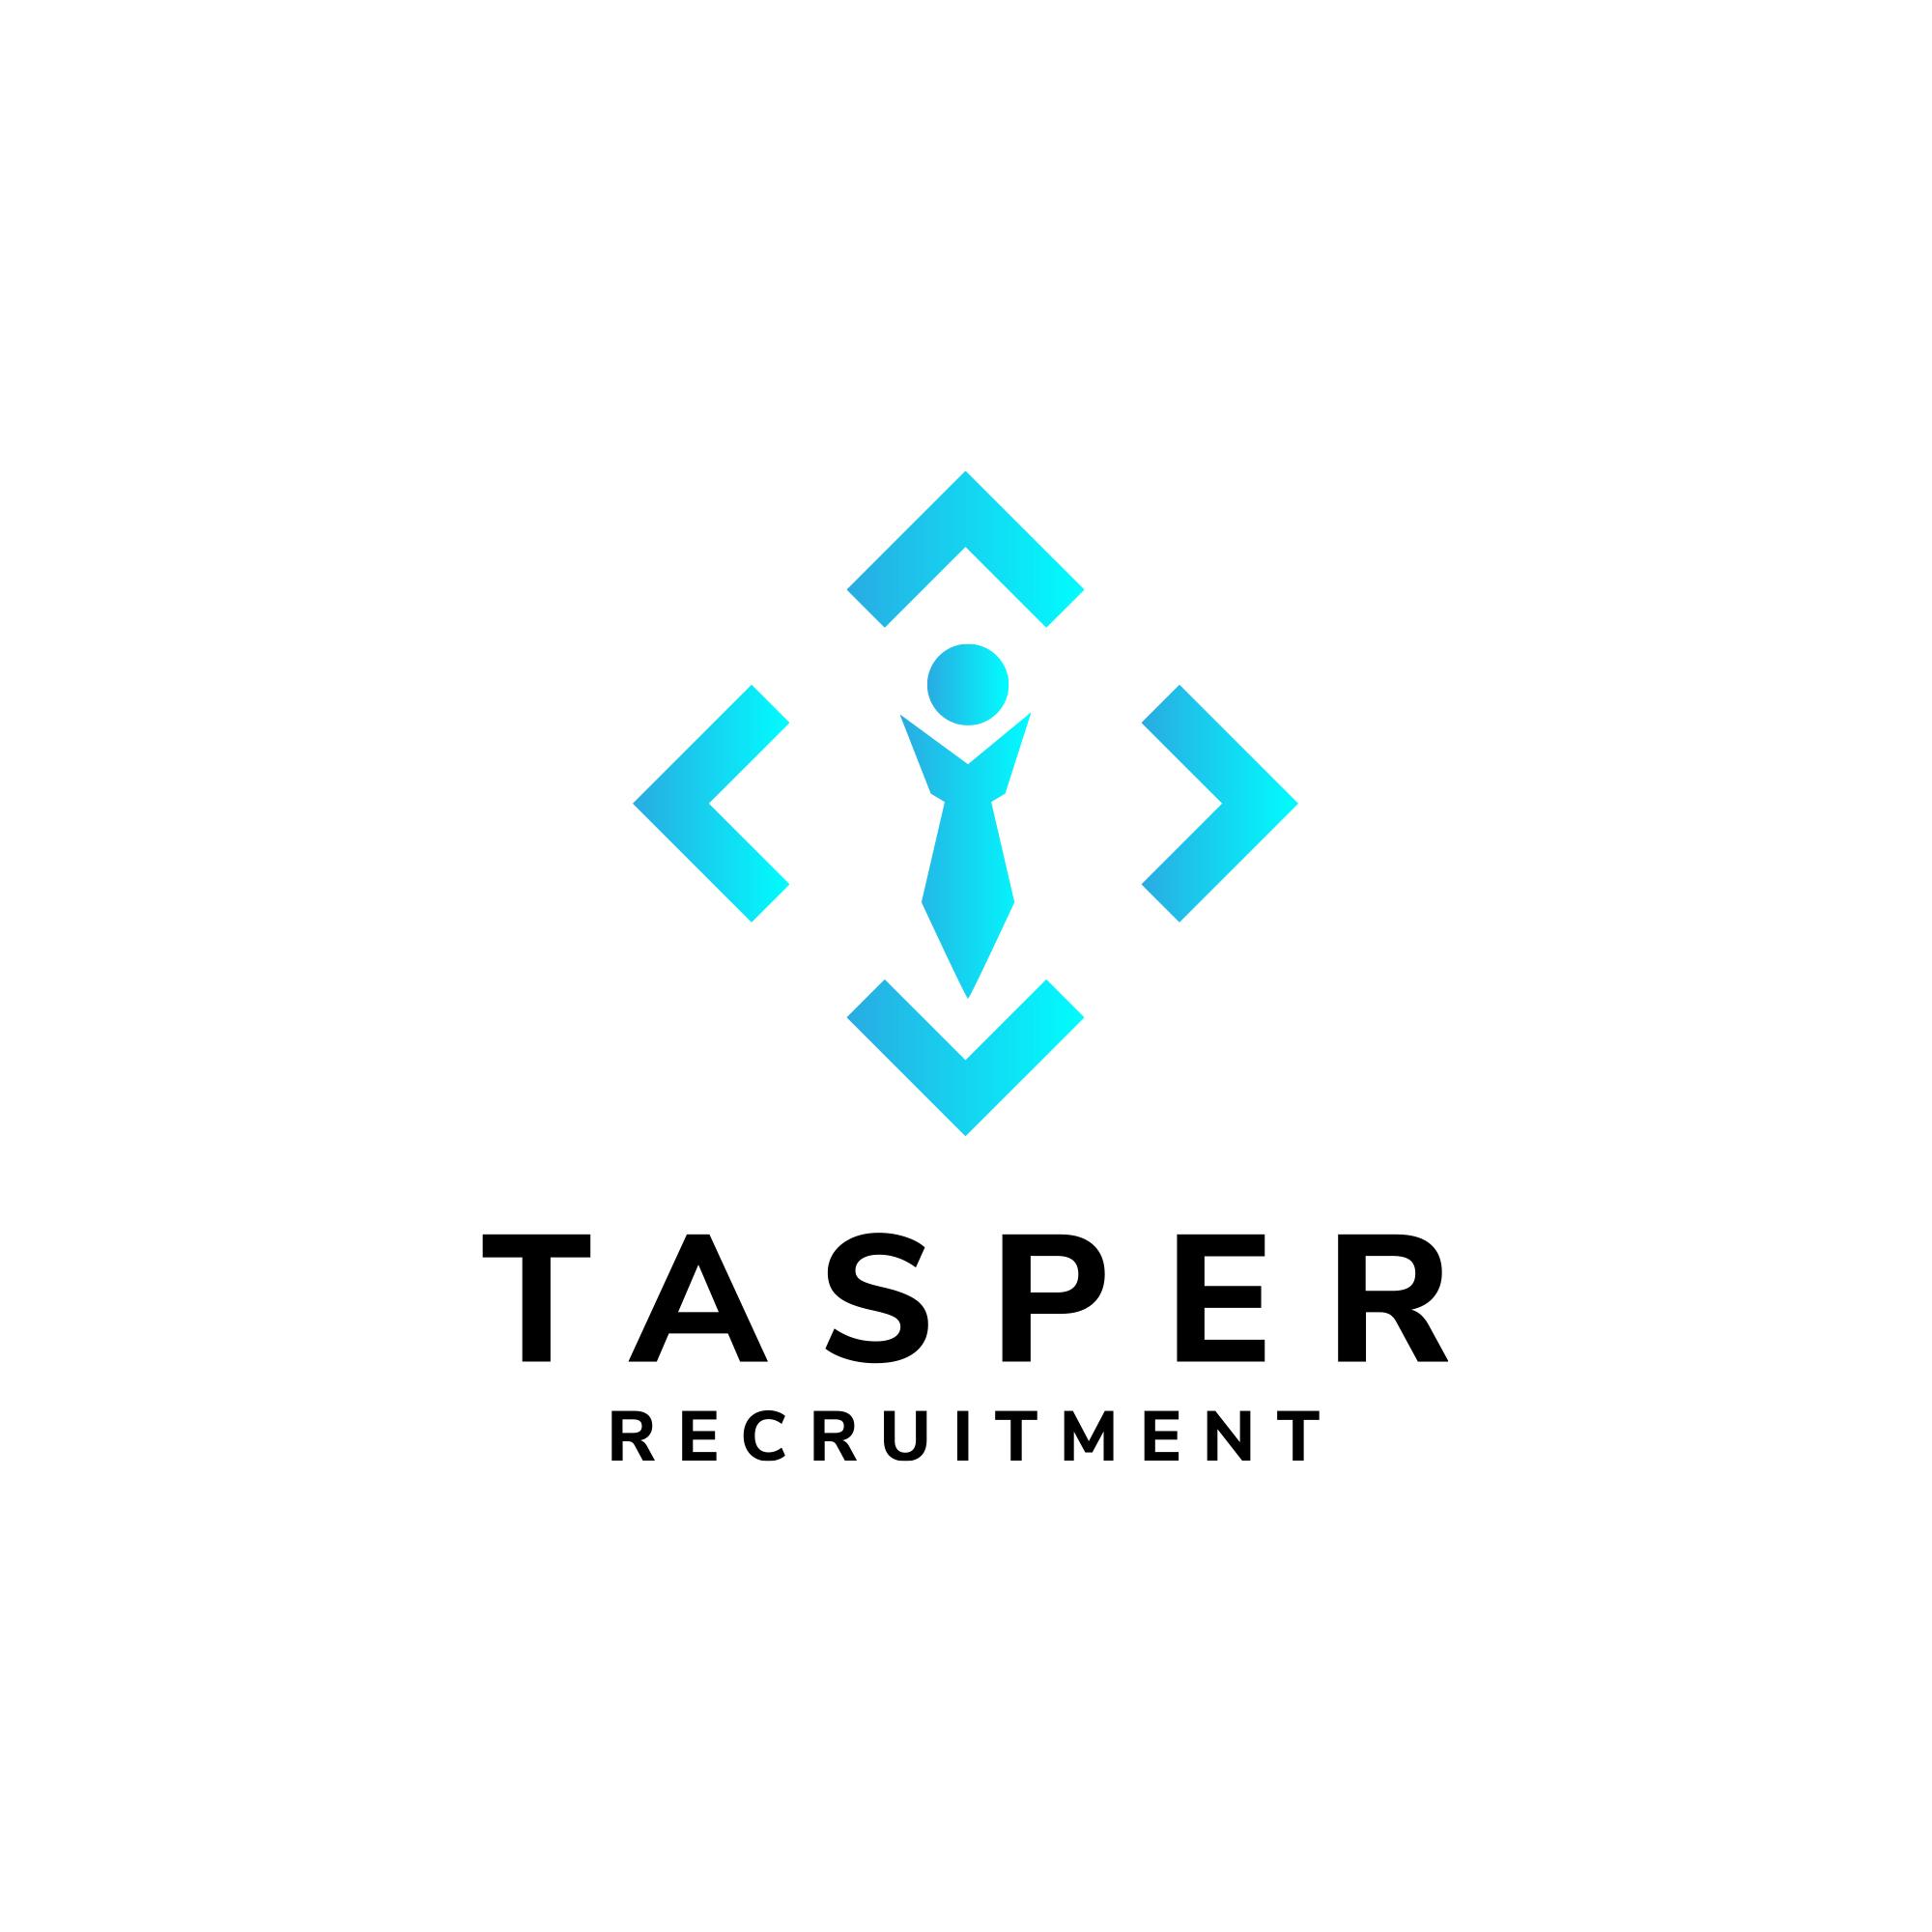 Tasper Recruitment Logo